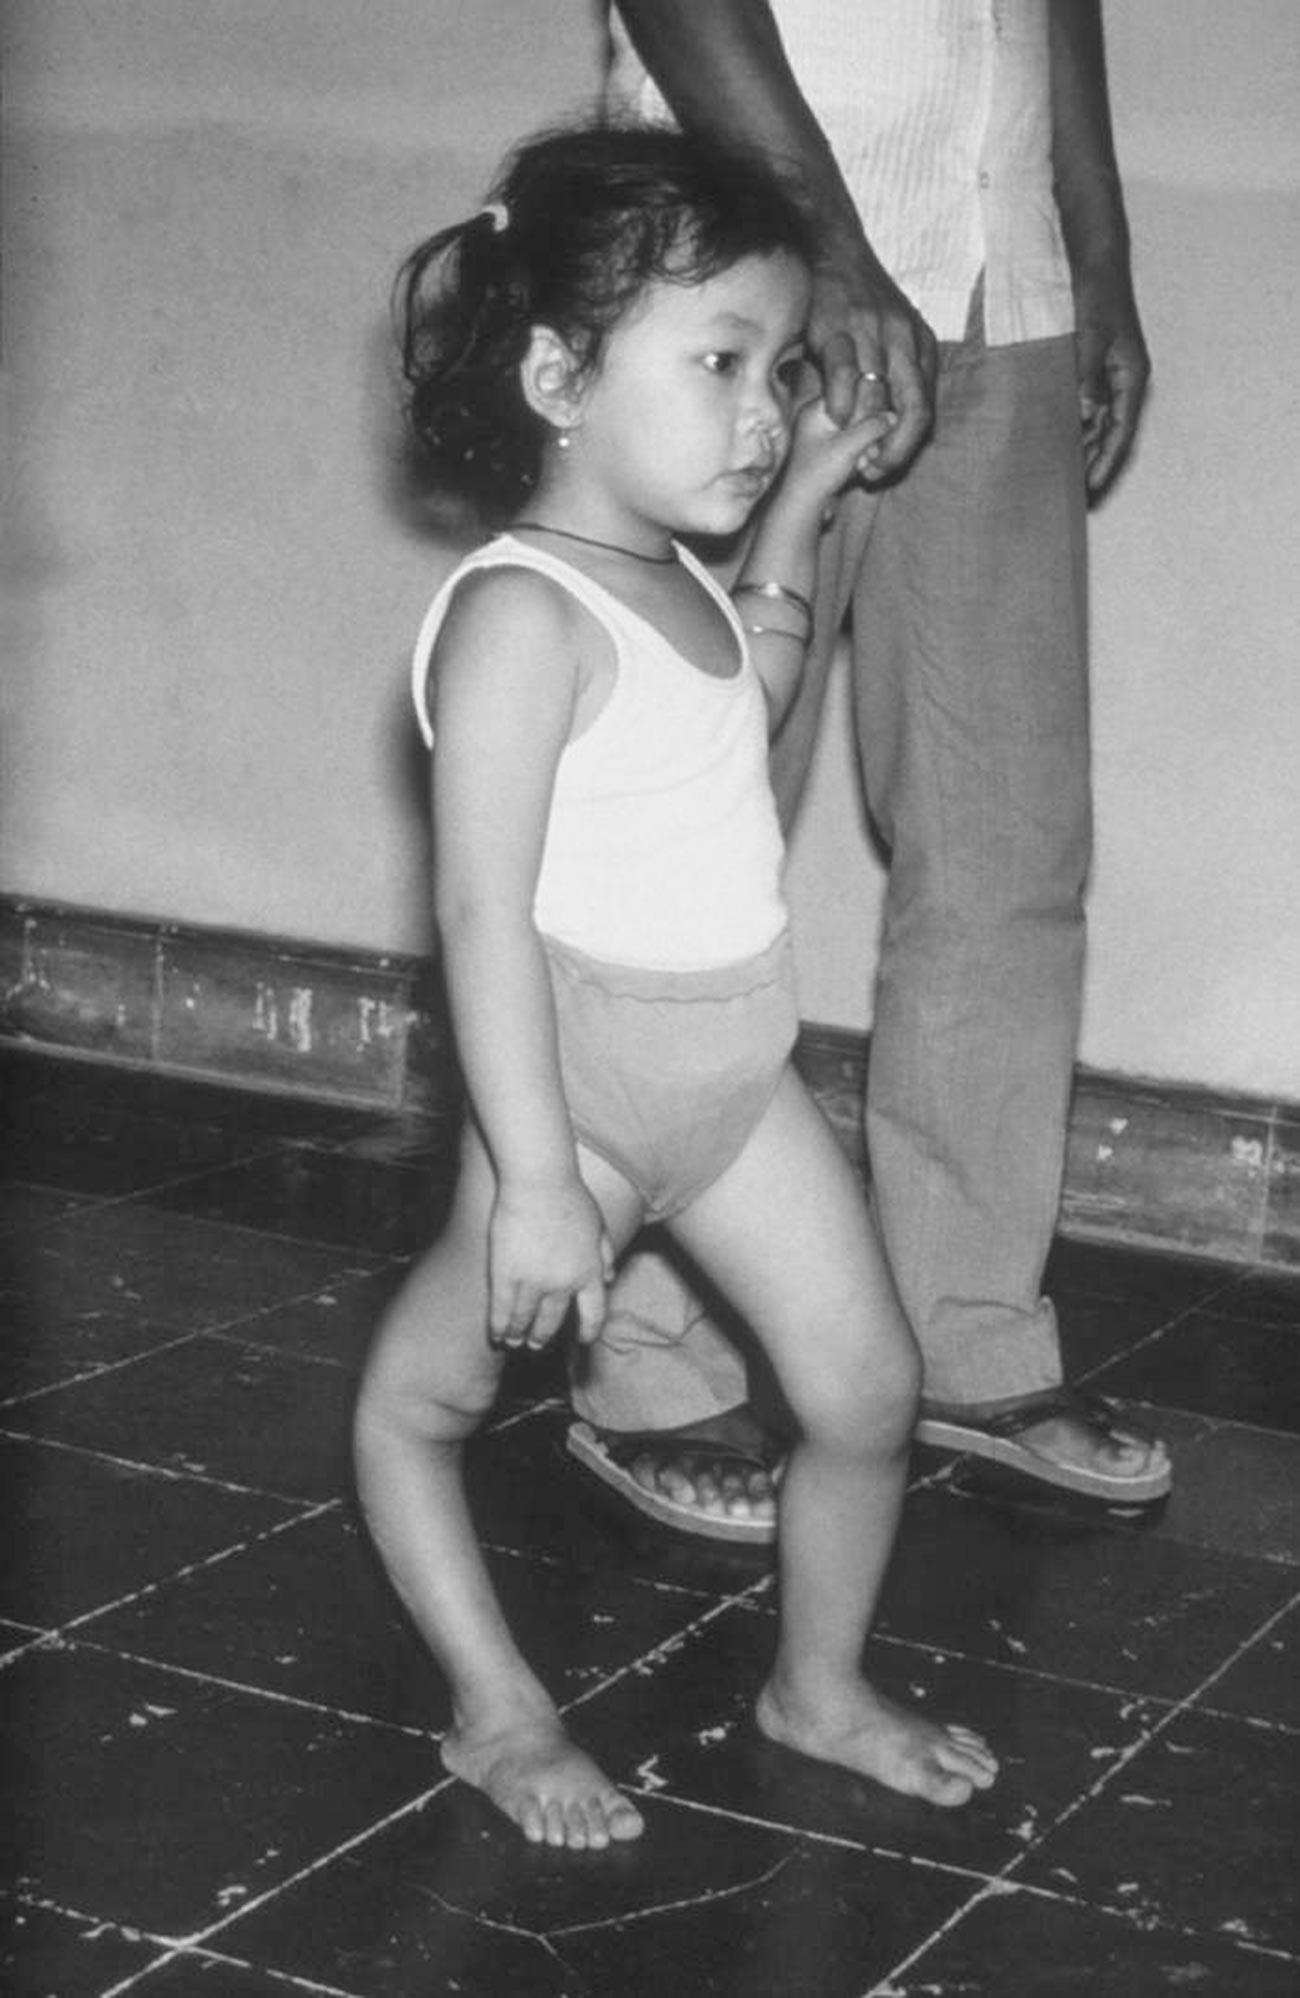 Deklica z deformirano desno nogo kot posledico okužbe z otroško paralizo